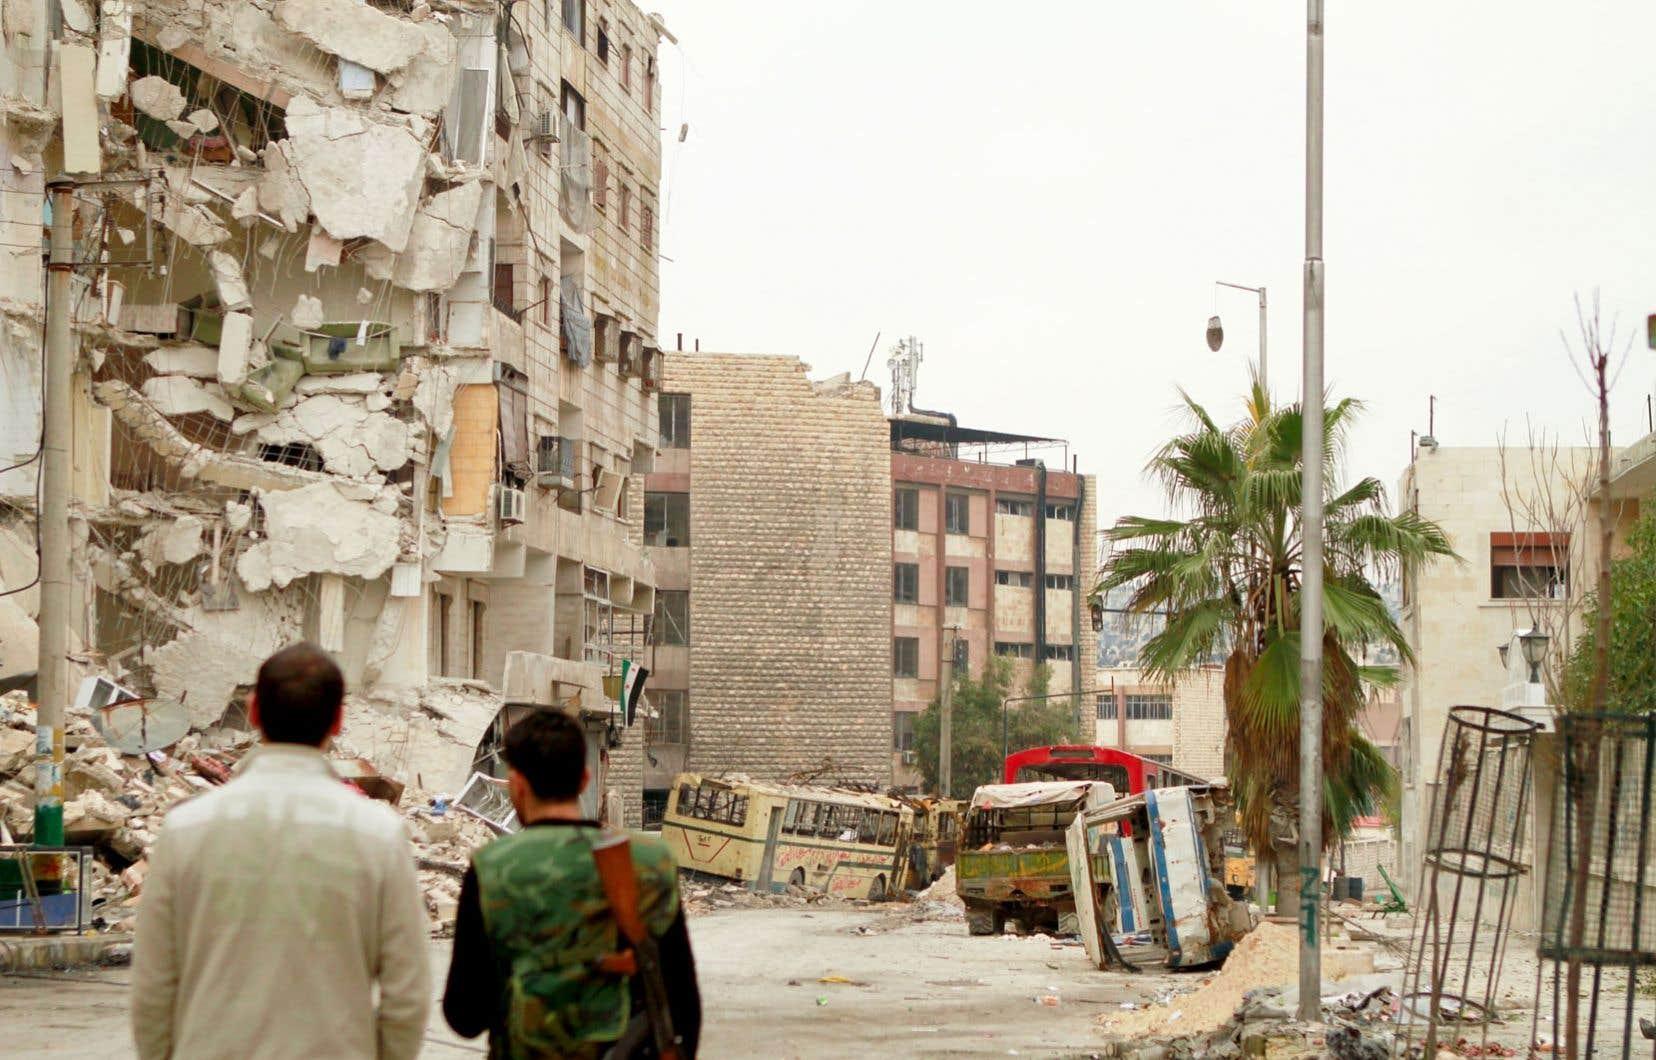 Des rebelles syriens constatent les dégâts dans une banlieue d'Alep.